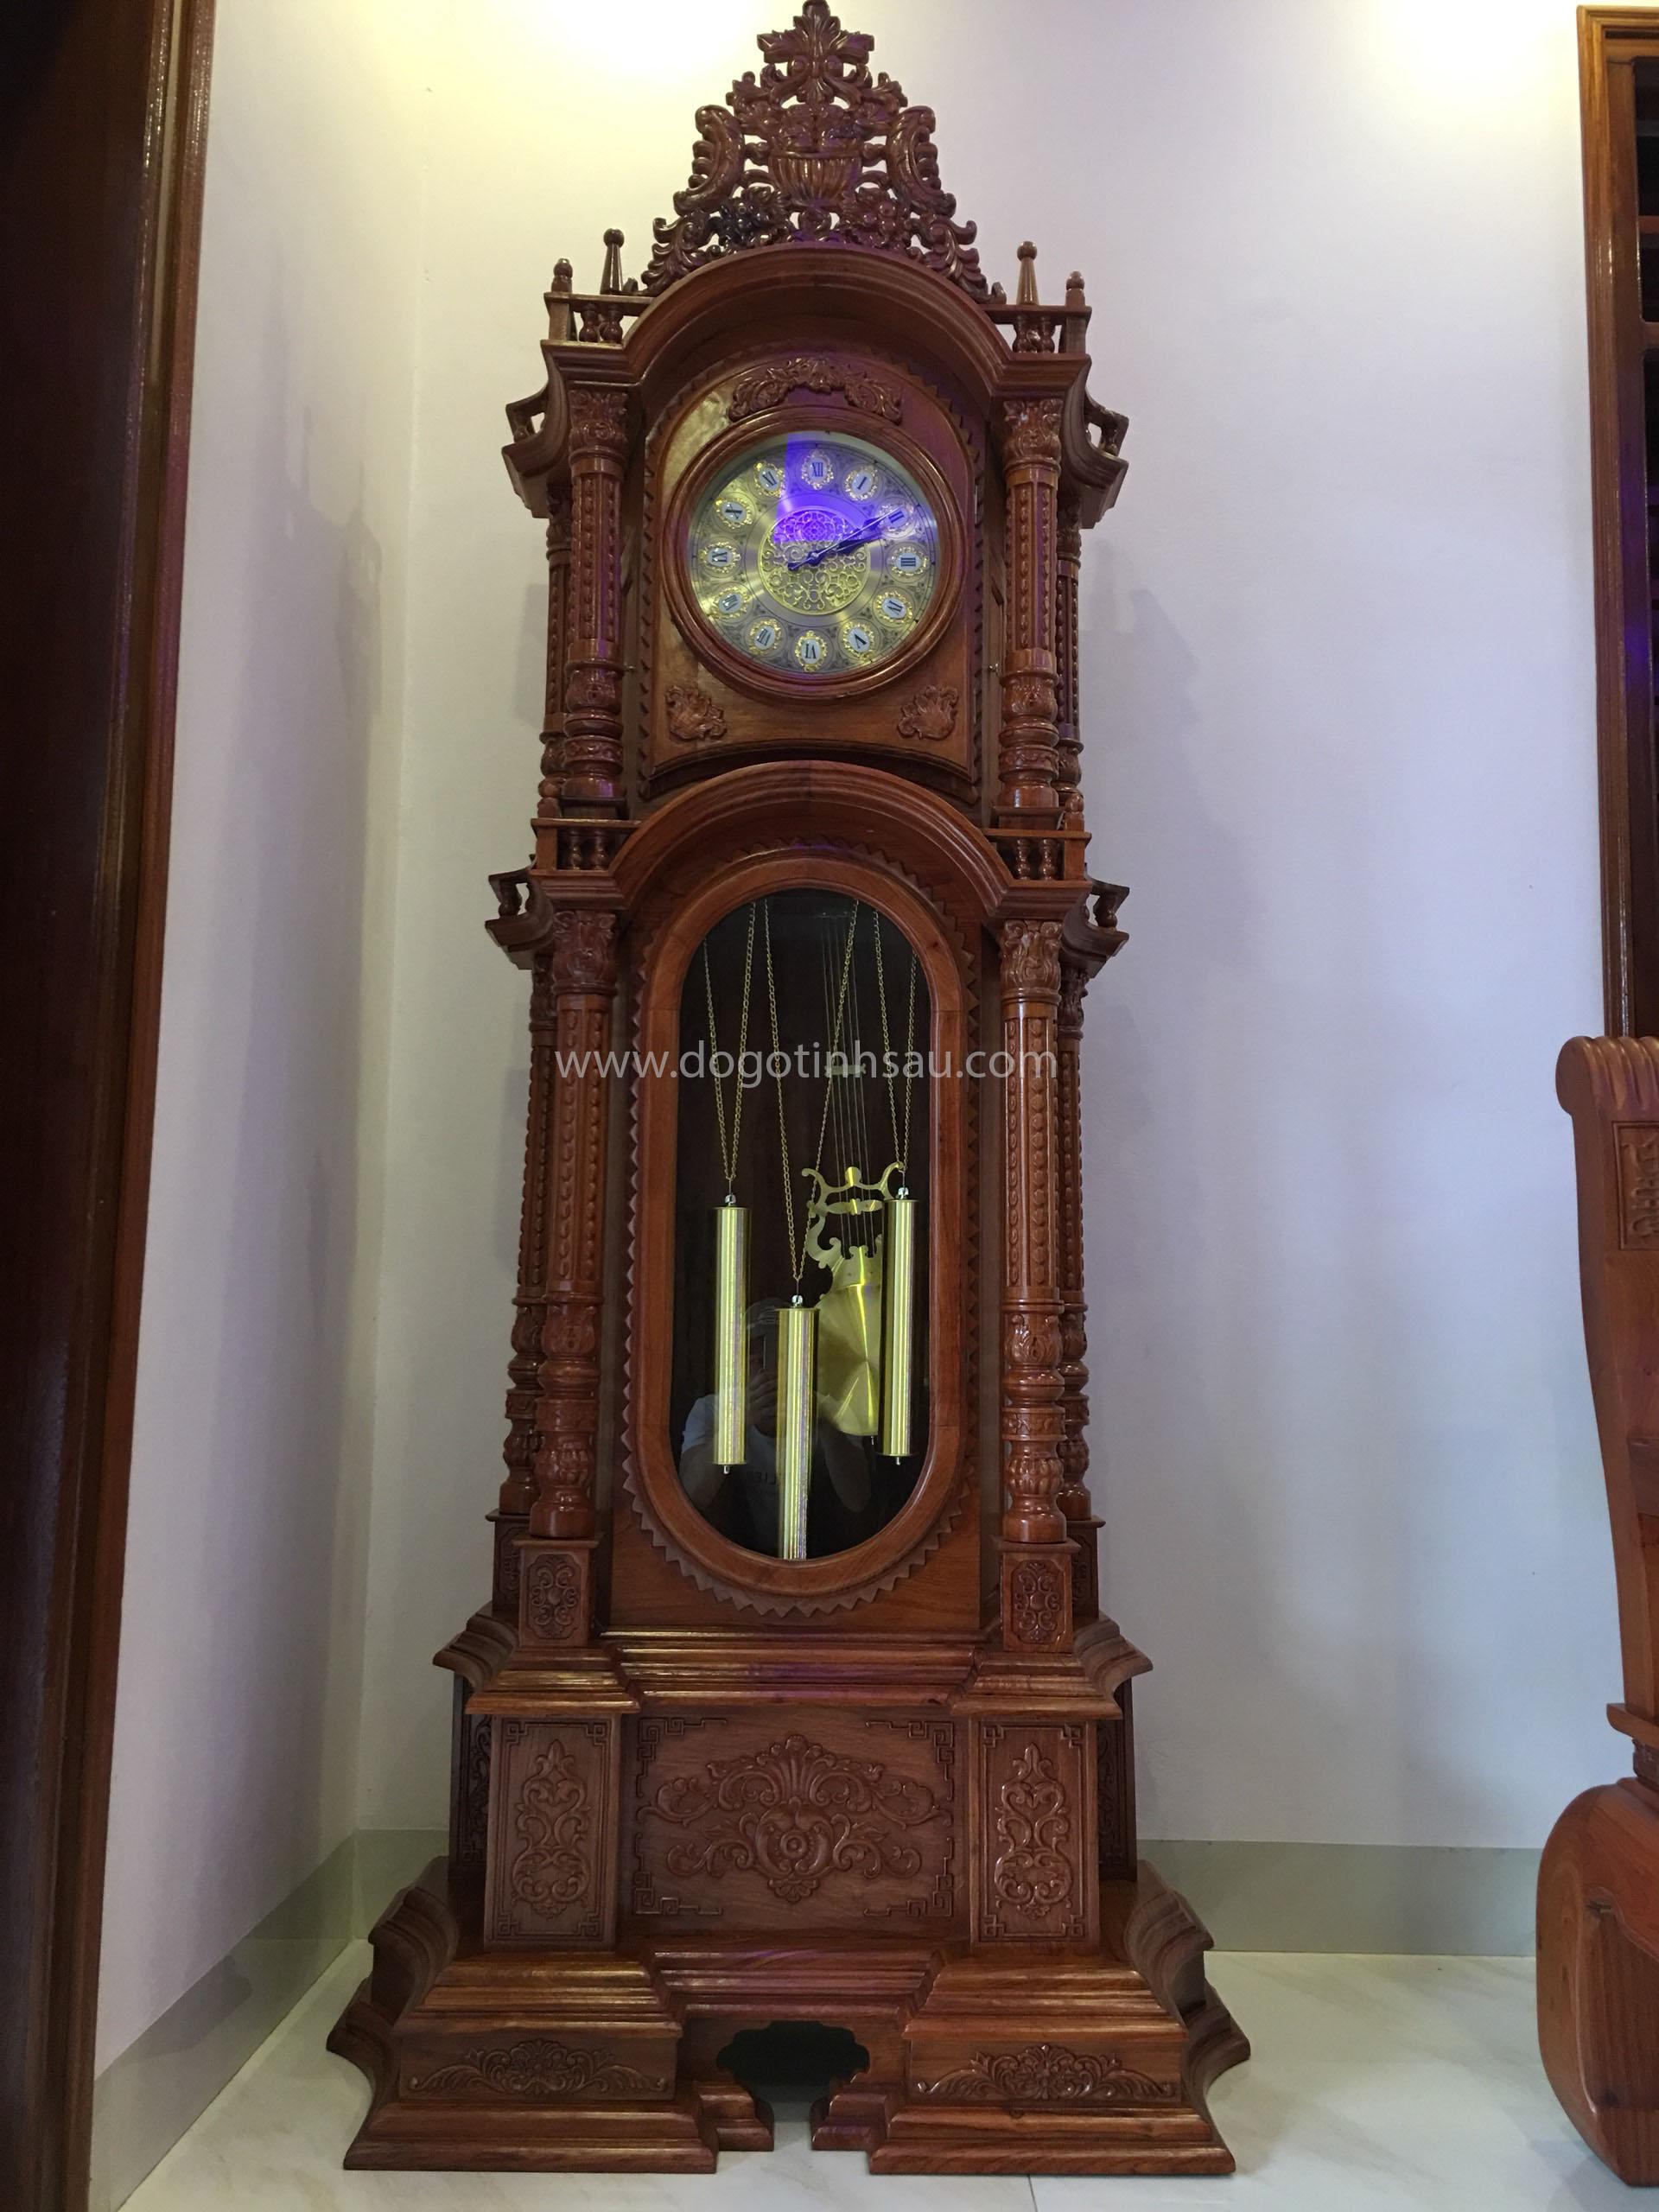 dong ho cay go huong da - Đồng hồ cây gỗ hương đá kiểu dáng tháp tứ trụ vát